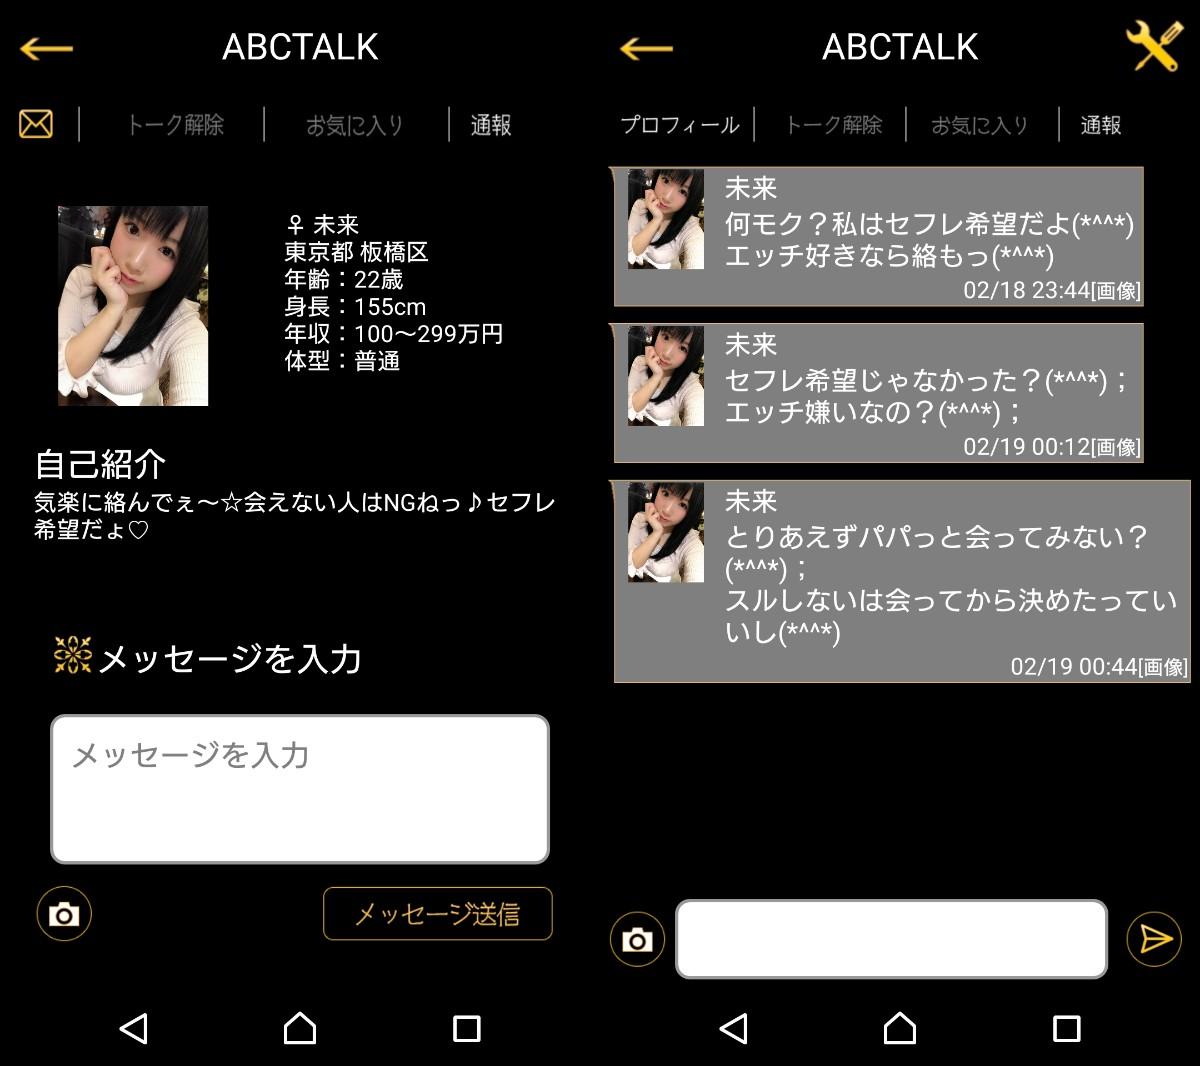 サクラ詐欺出会い系アプリ「ABCTALK」サクラの未来